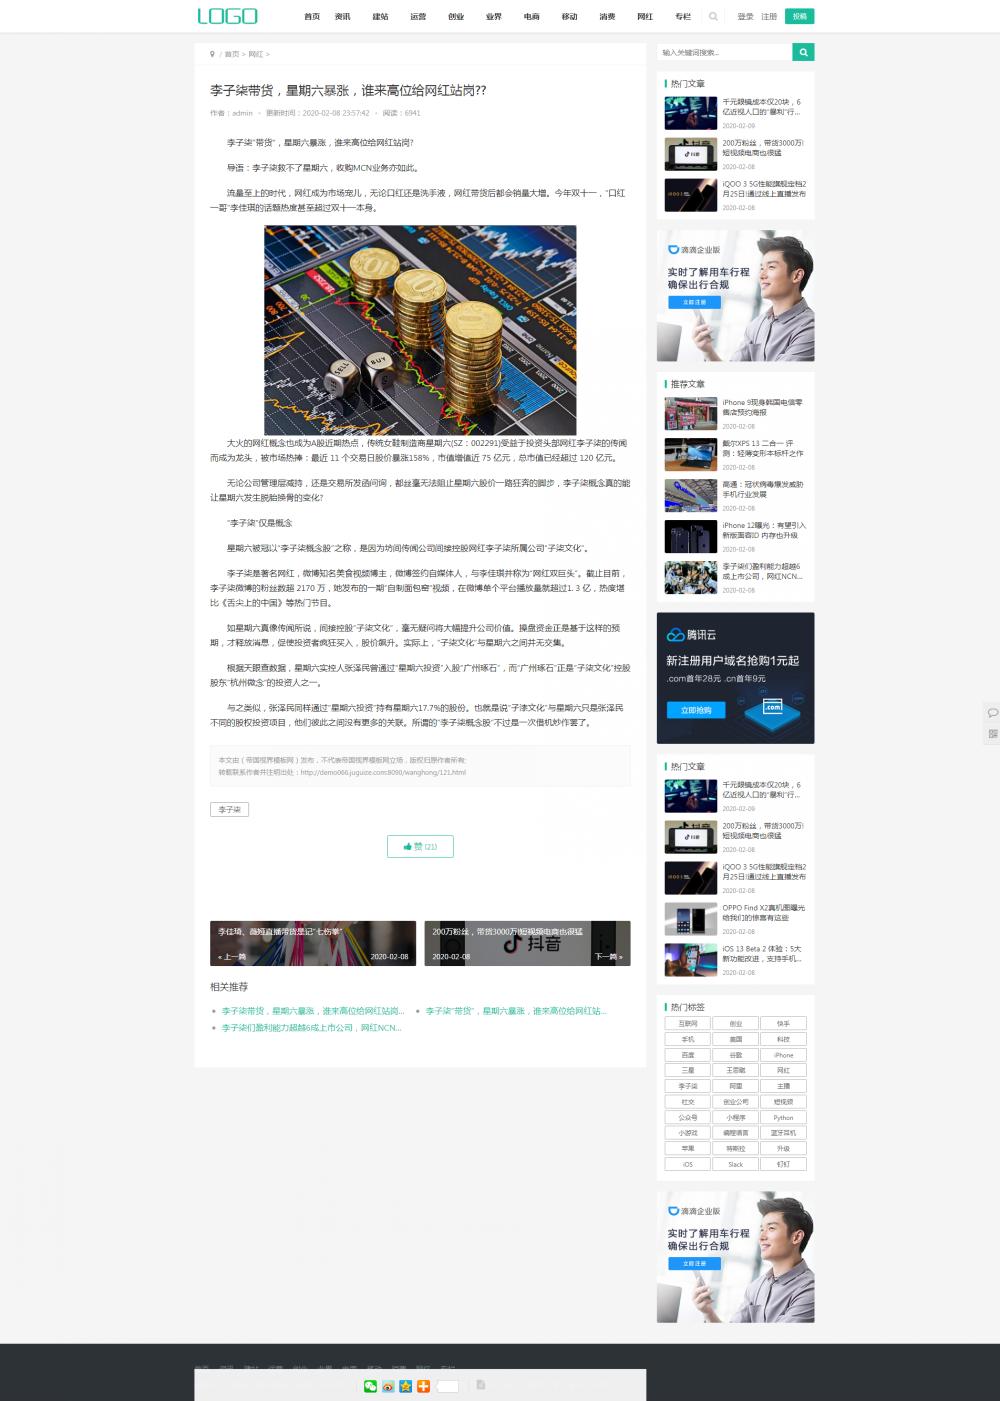 内容页.png [DG-066]帝国CMS高端个人博客文章资讯新闻资讯模板(带会员中心) 博客文章 第3张